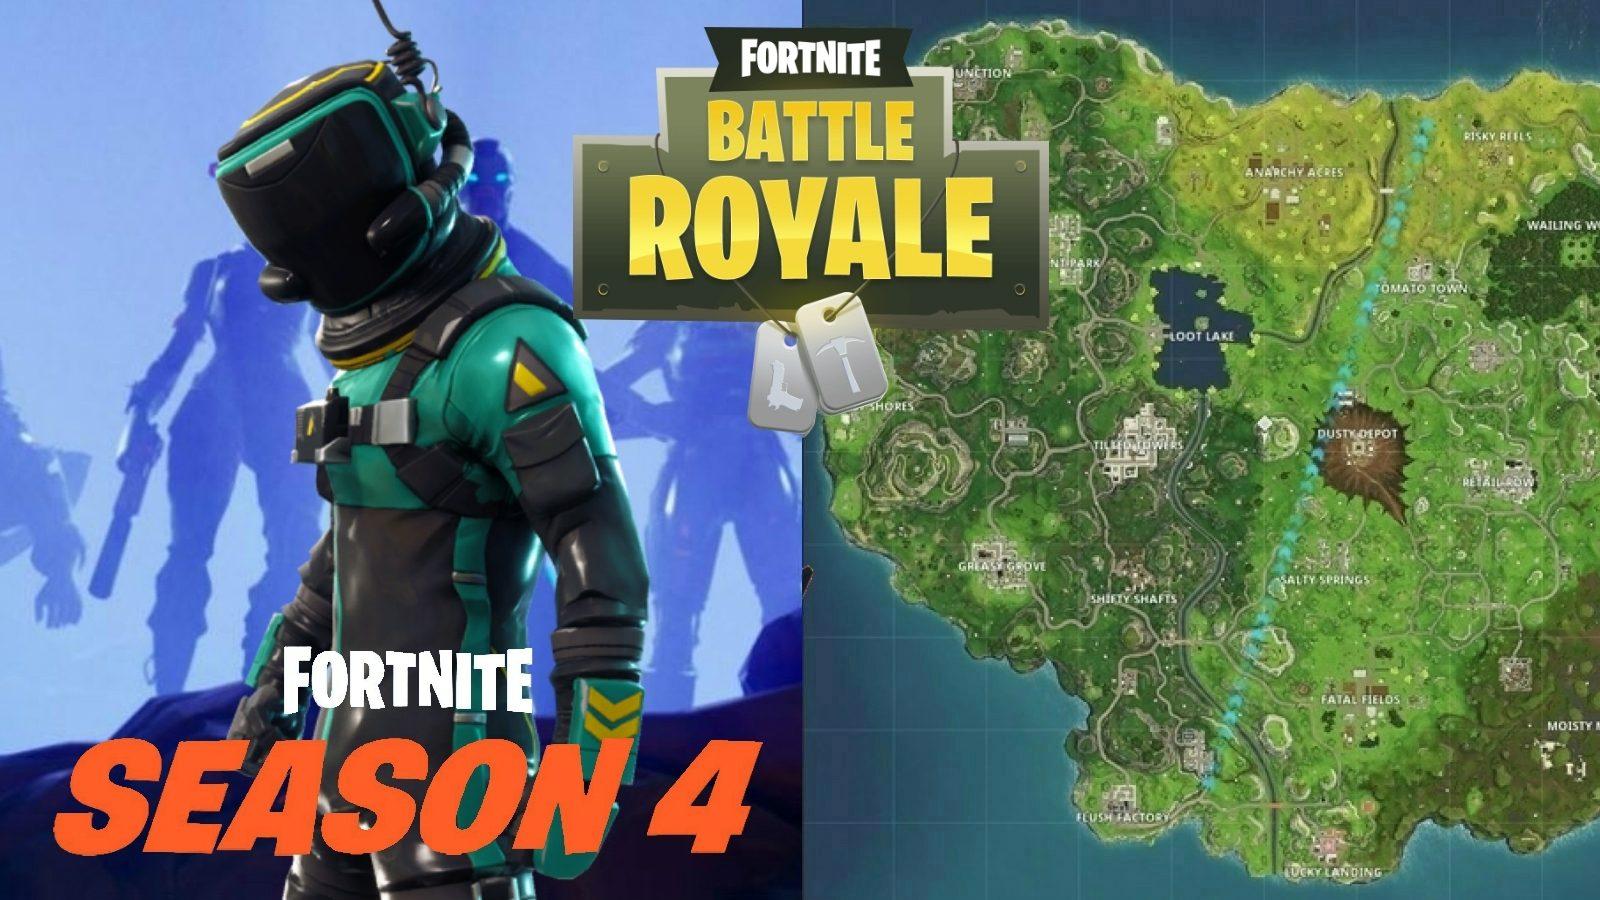 Fortnite Week 4 Season 8 Fortnite Mapa De La Hoja De Trucos De Battle Royale Y Ubicaciones Para La Temporada 4 Semana 4 Desafios Fortnite10